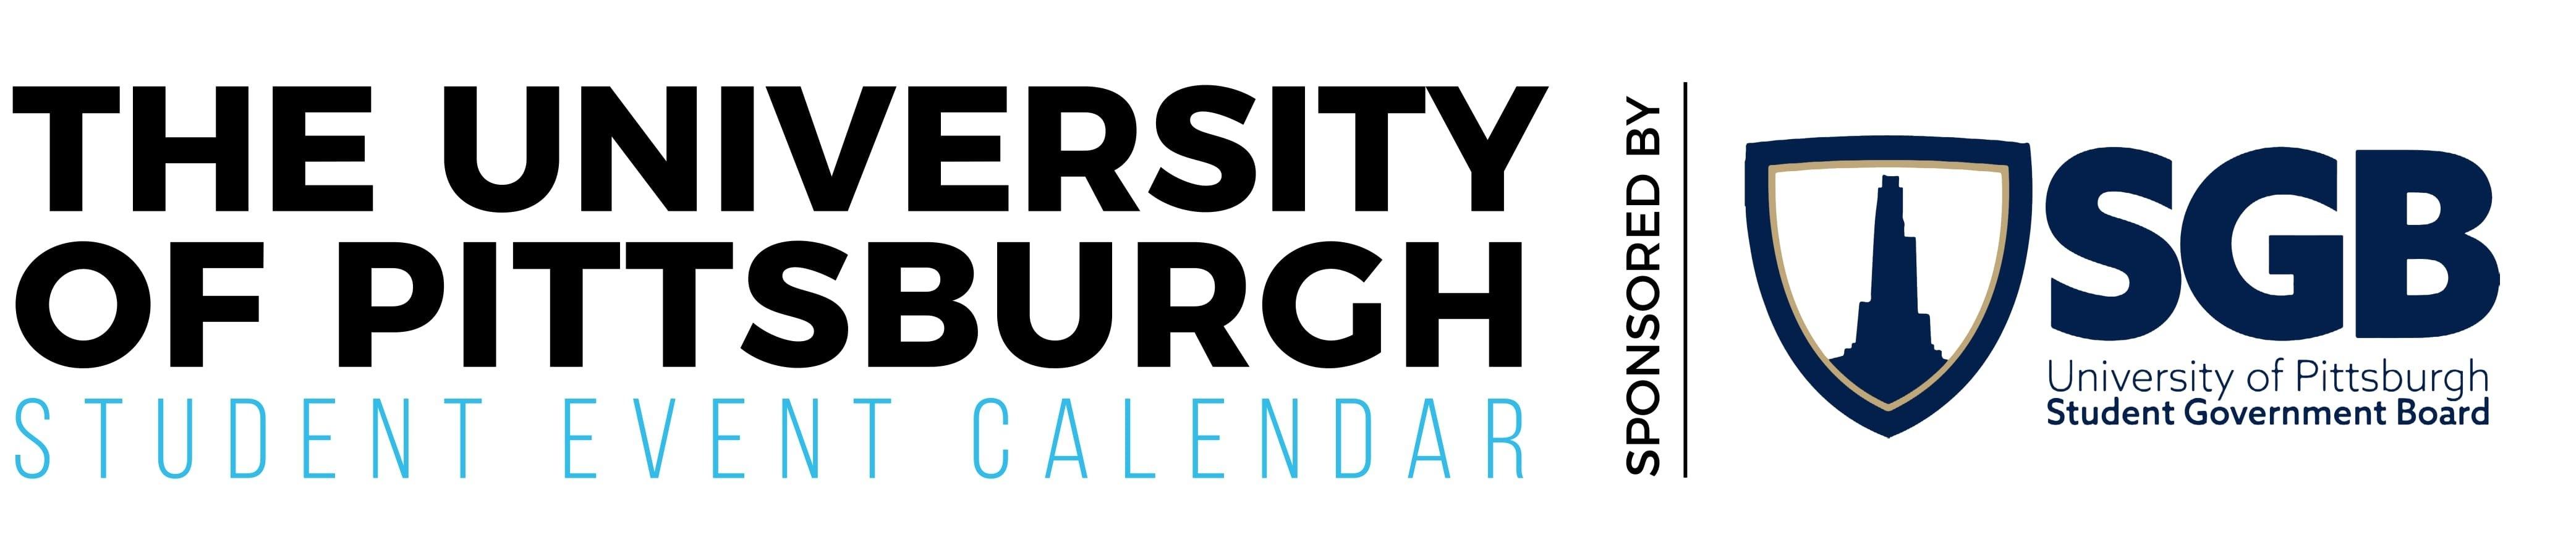 Events Calendar - The Pitt News U Pitt Calendar 2019